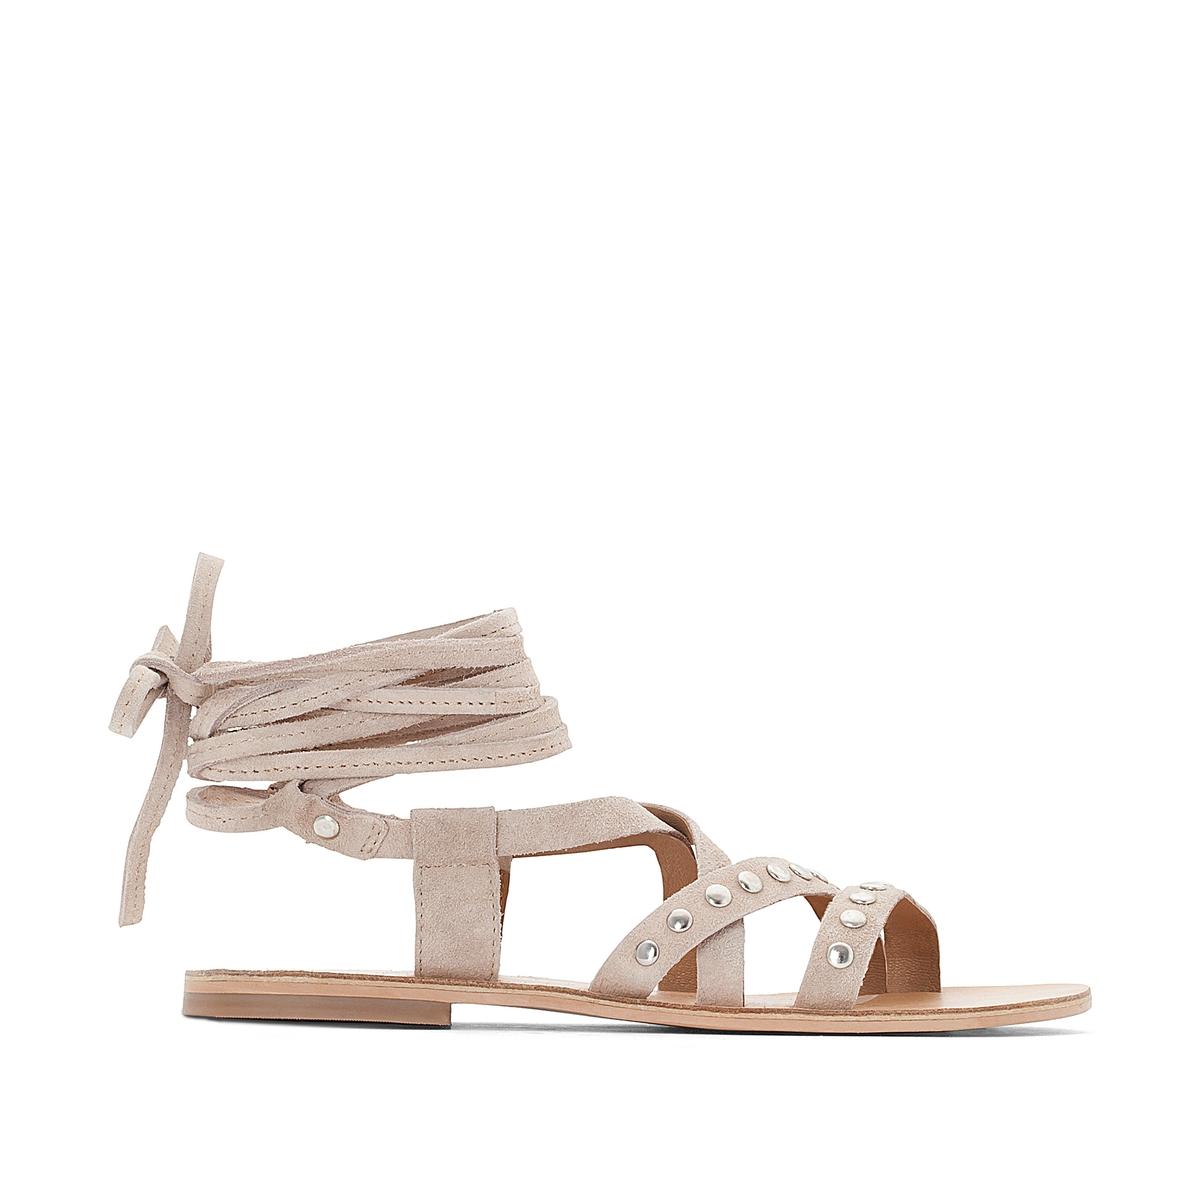 Босоножки кожаные с металлической деталью на плоском каблуке сапоги кожаные на плоском каблуке 1137